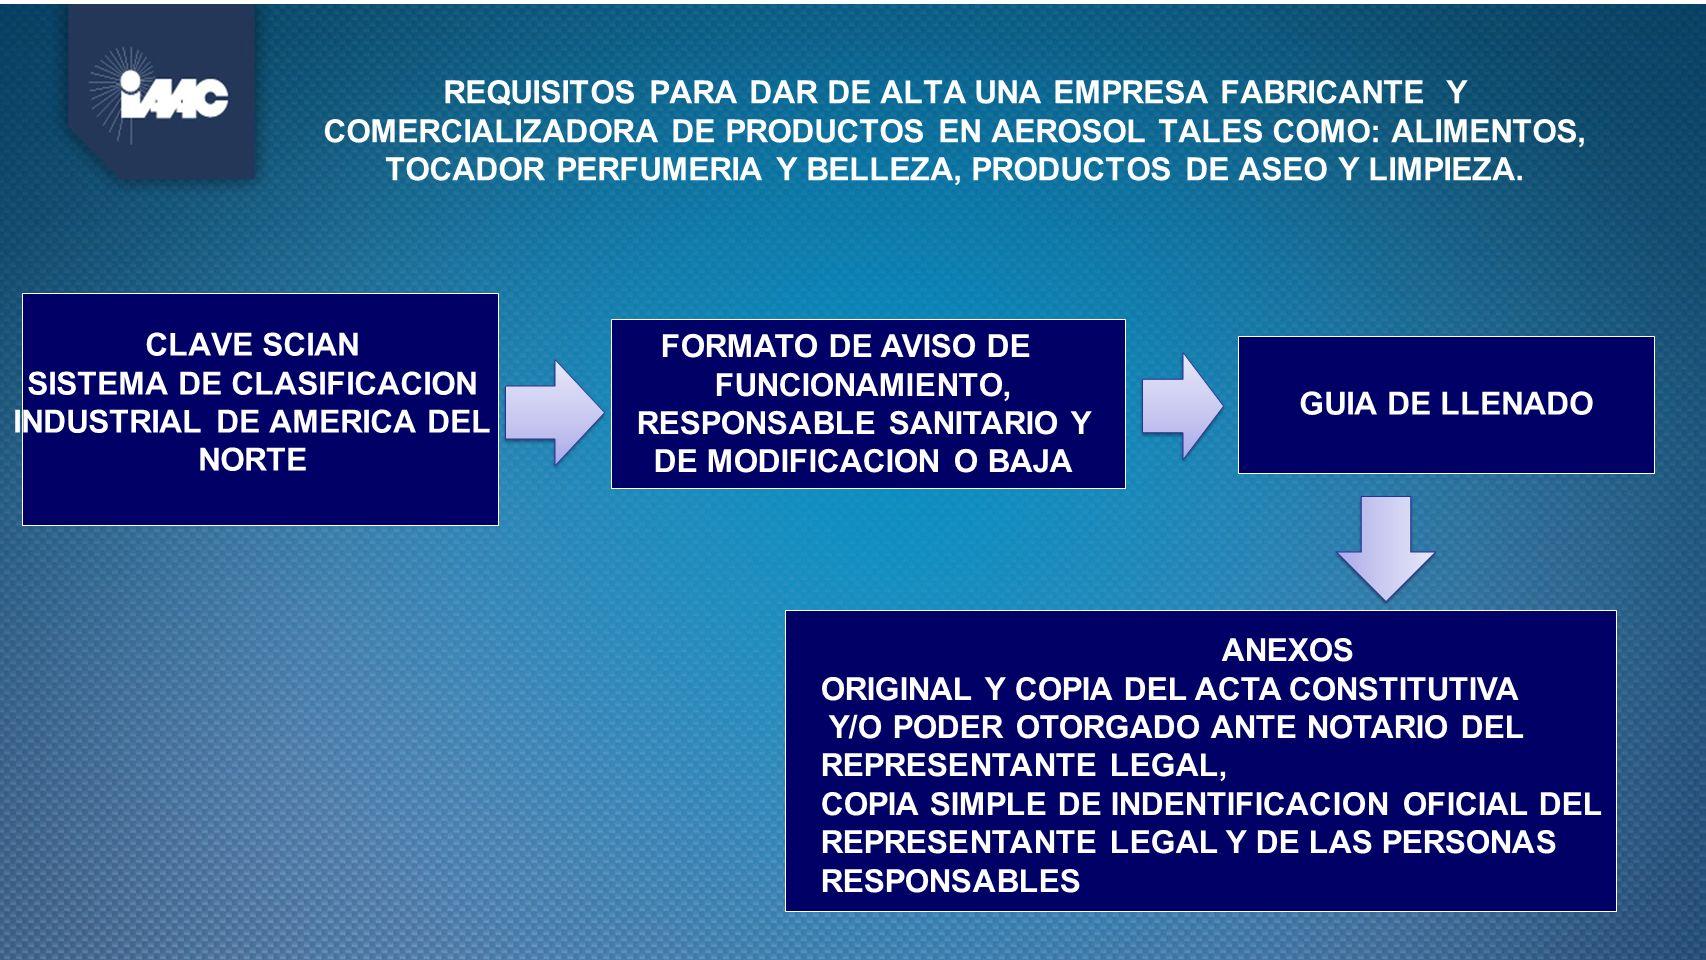 REQUISITOS PARA DAR DE ALTA UNA EMPRESA FABRICANTE Y COMERCIALIZADORA DE PRODUCTOS EN AEROSOL TALES COMO: ALIMENTOS, TOCADOR PERFUMERIA Y BELLEZA, PRO